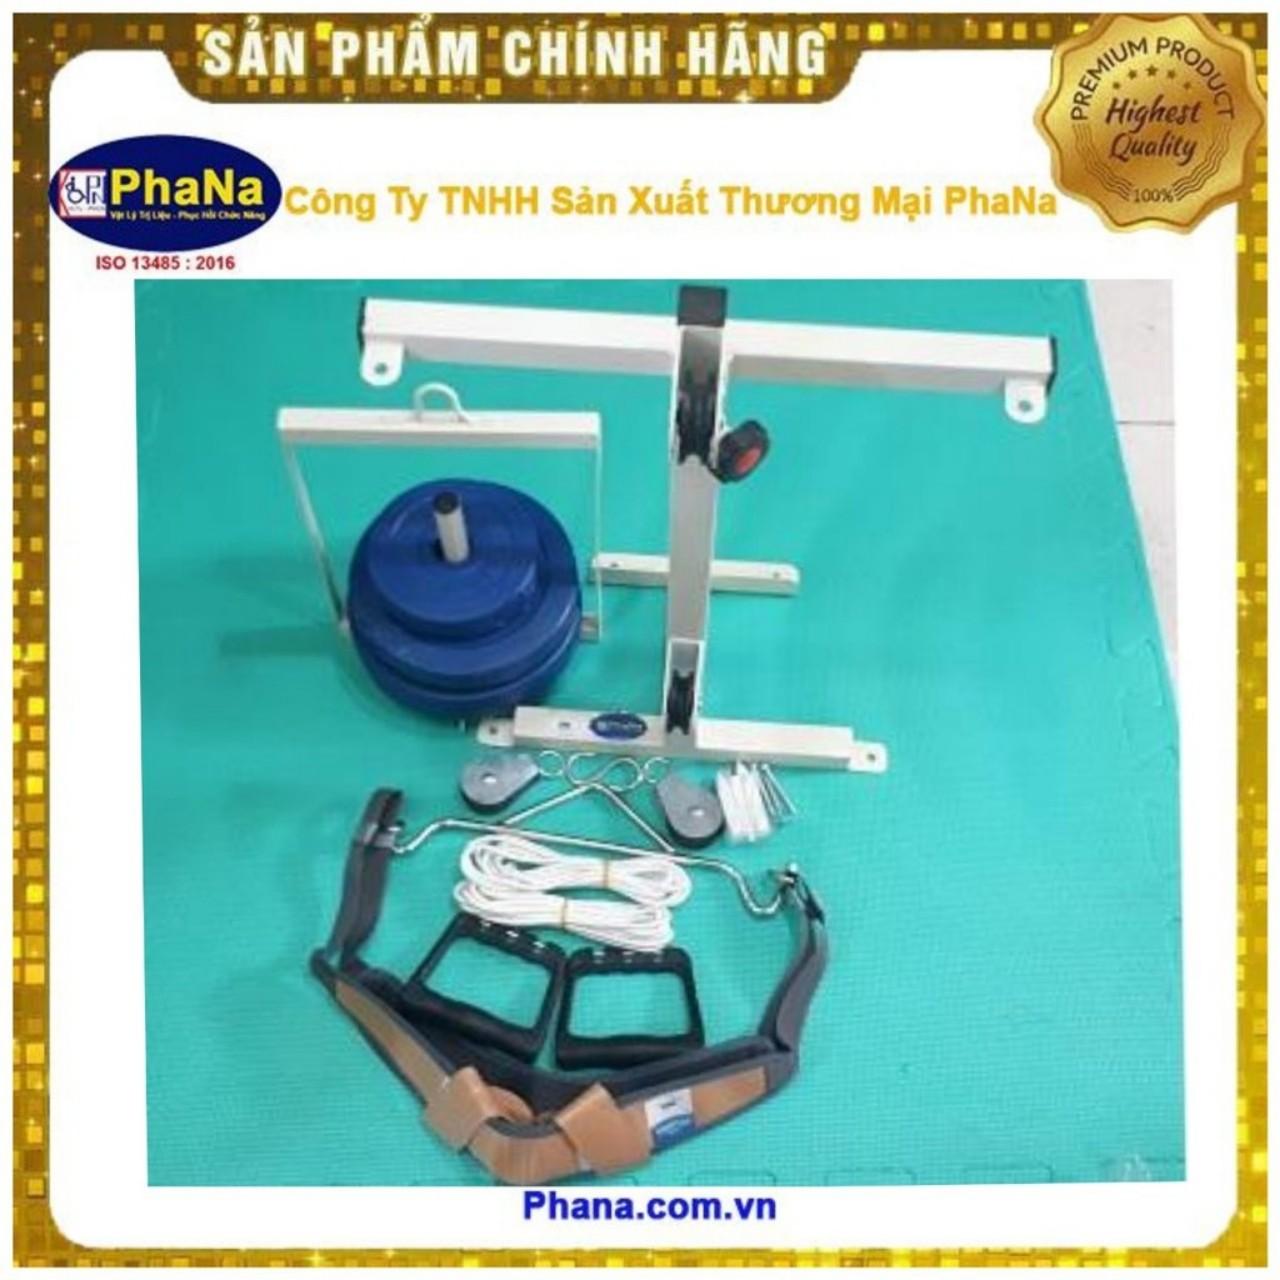 Dụng cụ kéo cổ tập tay/Bộ khung kéo cổ + kéo ròng rọc tập tay gắn tường PN-BKCTN